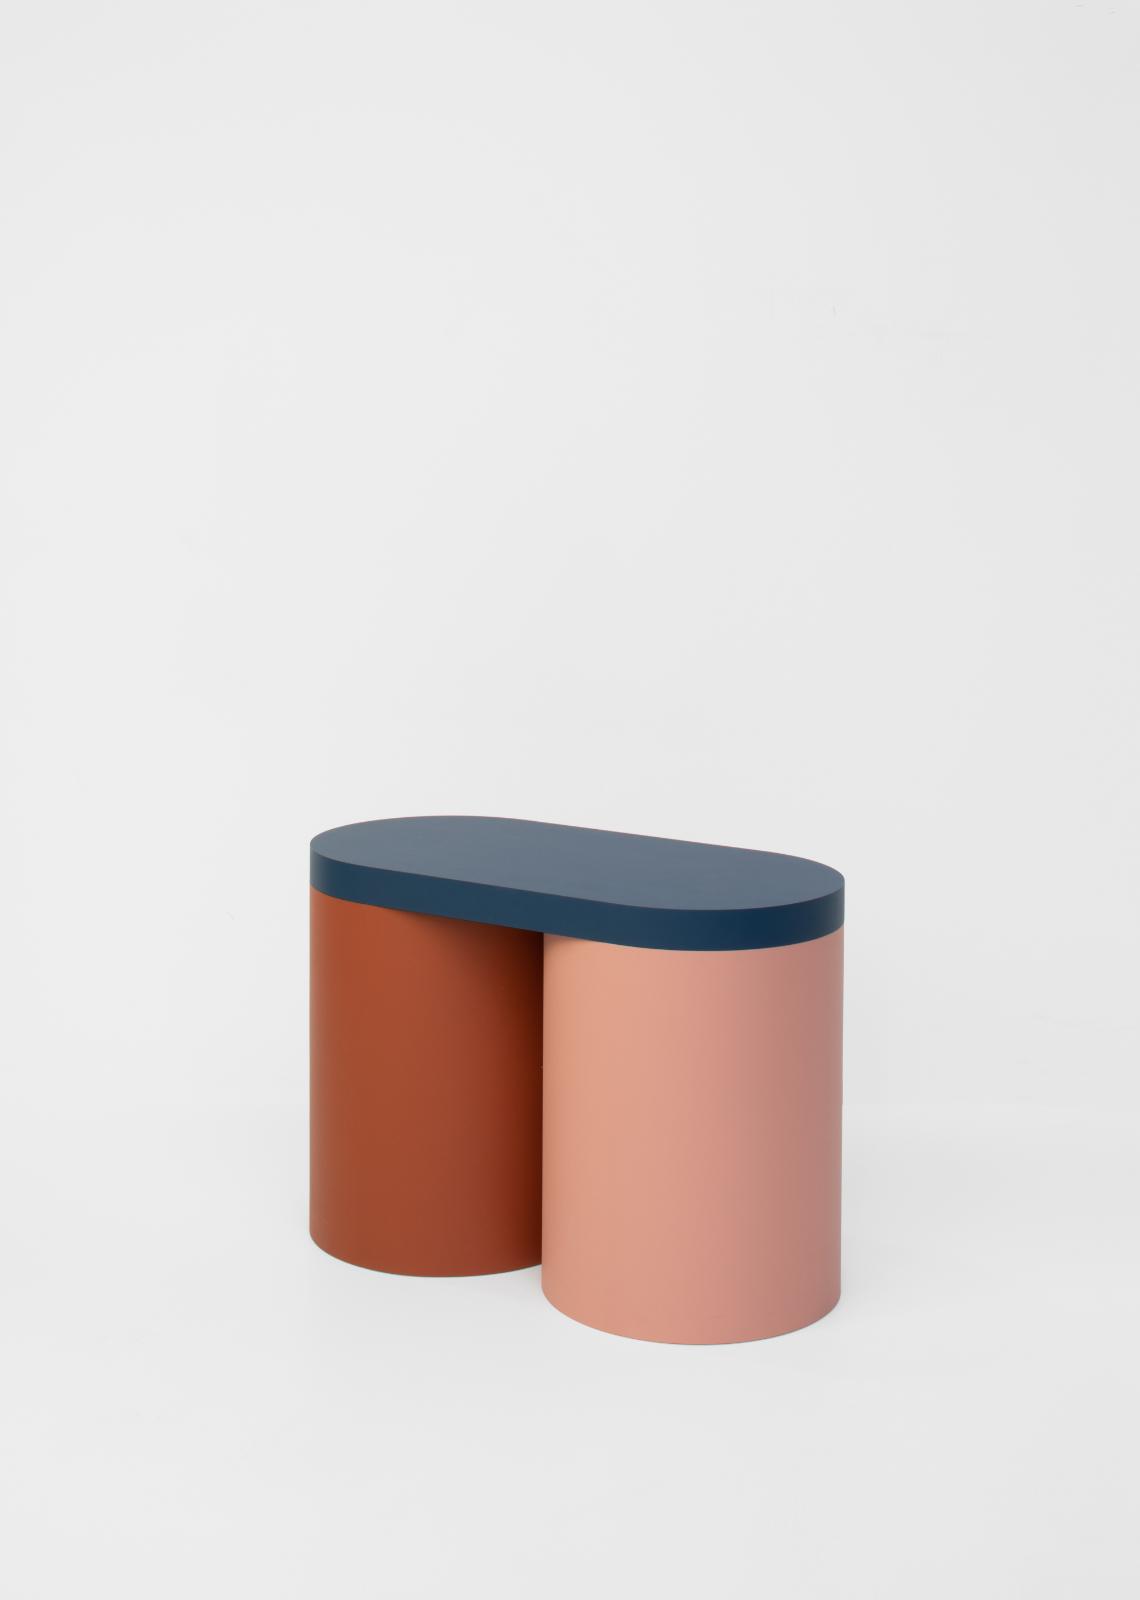 stools furniture exterior colour design public